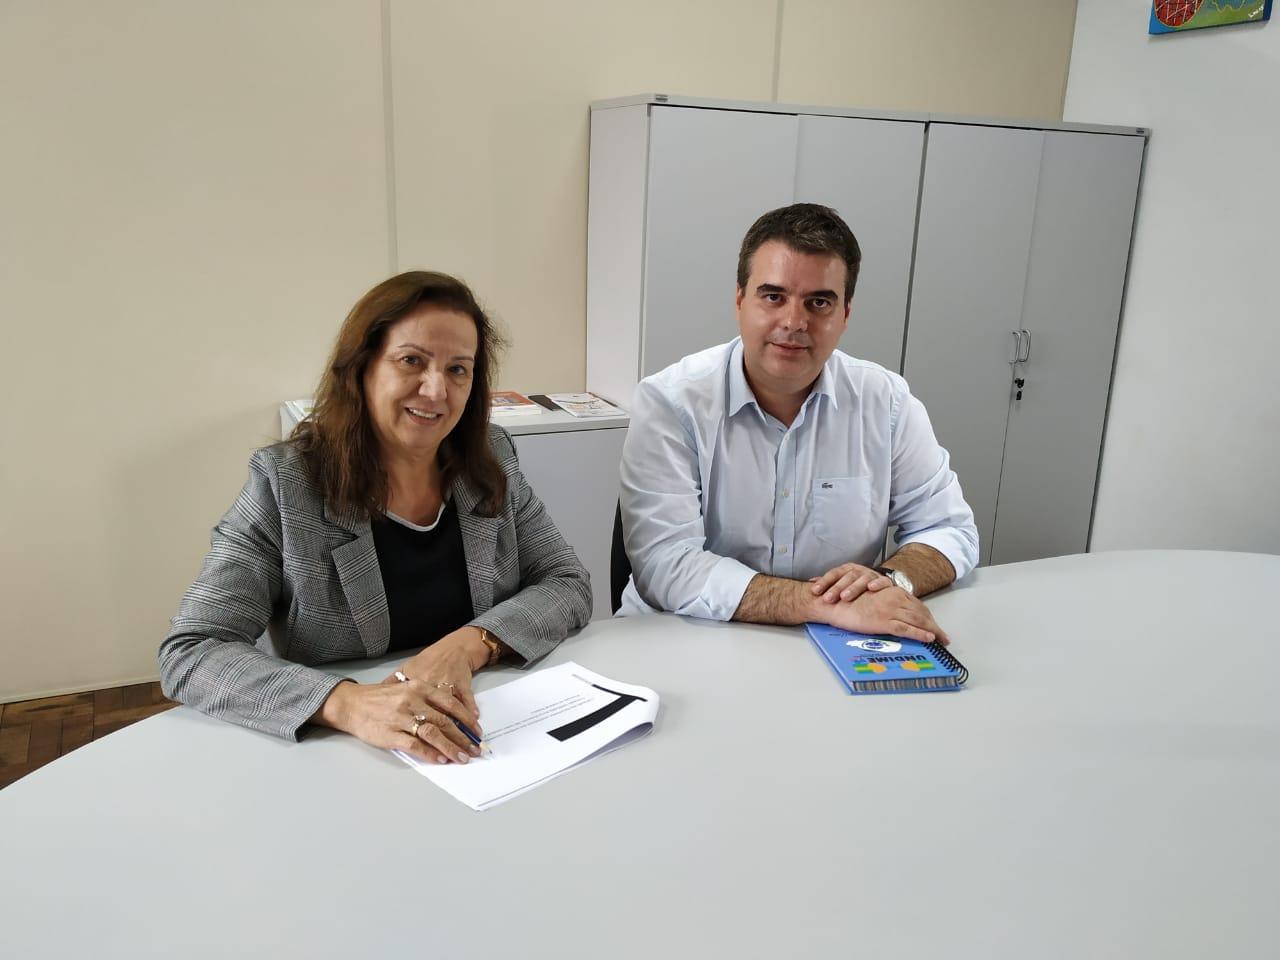 Undime e SEED discutem implementação da Base Nacional Comum Curricular no Paraná